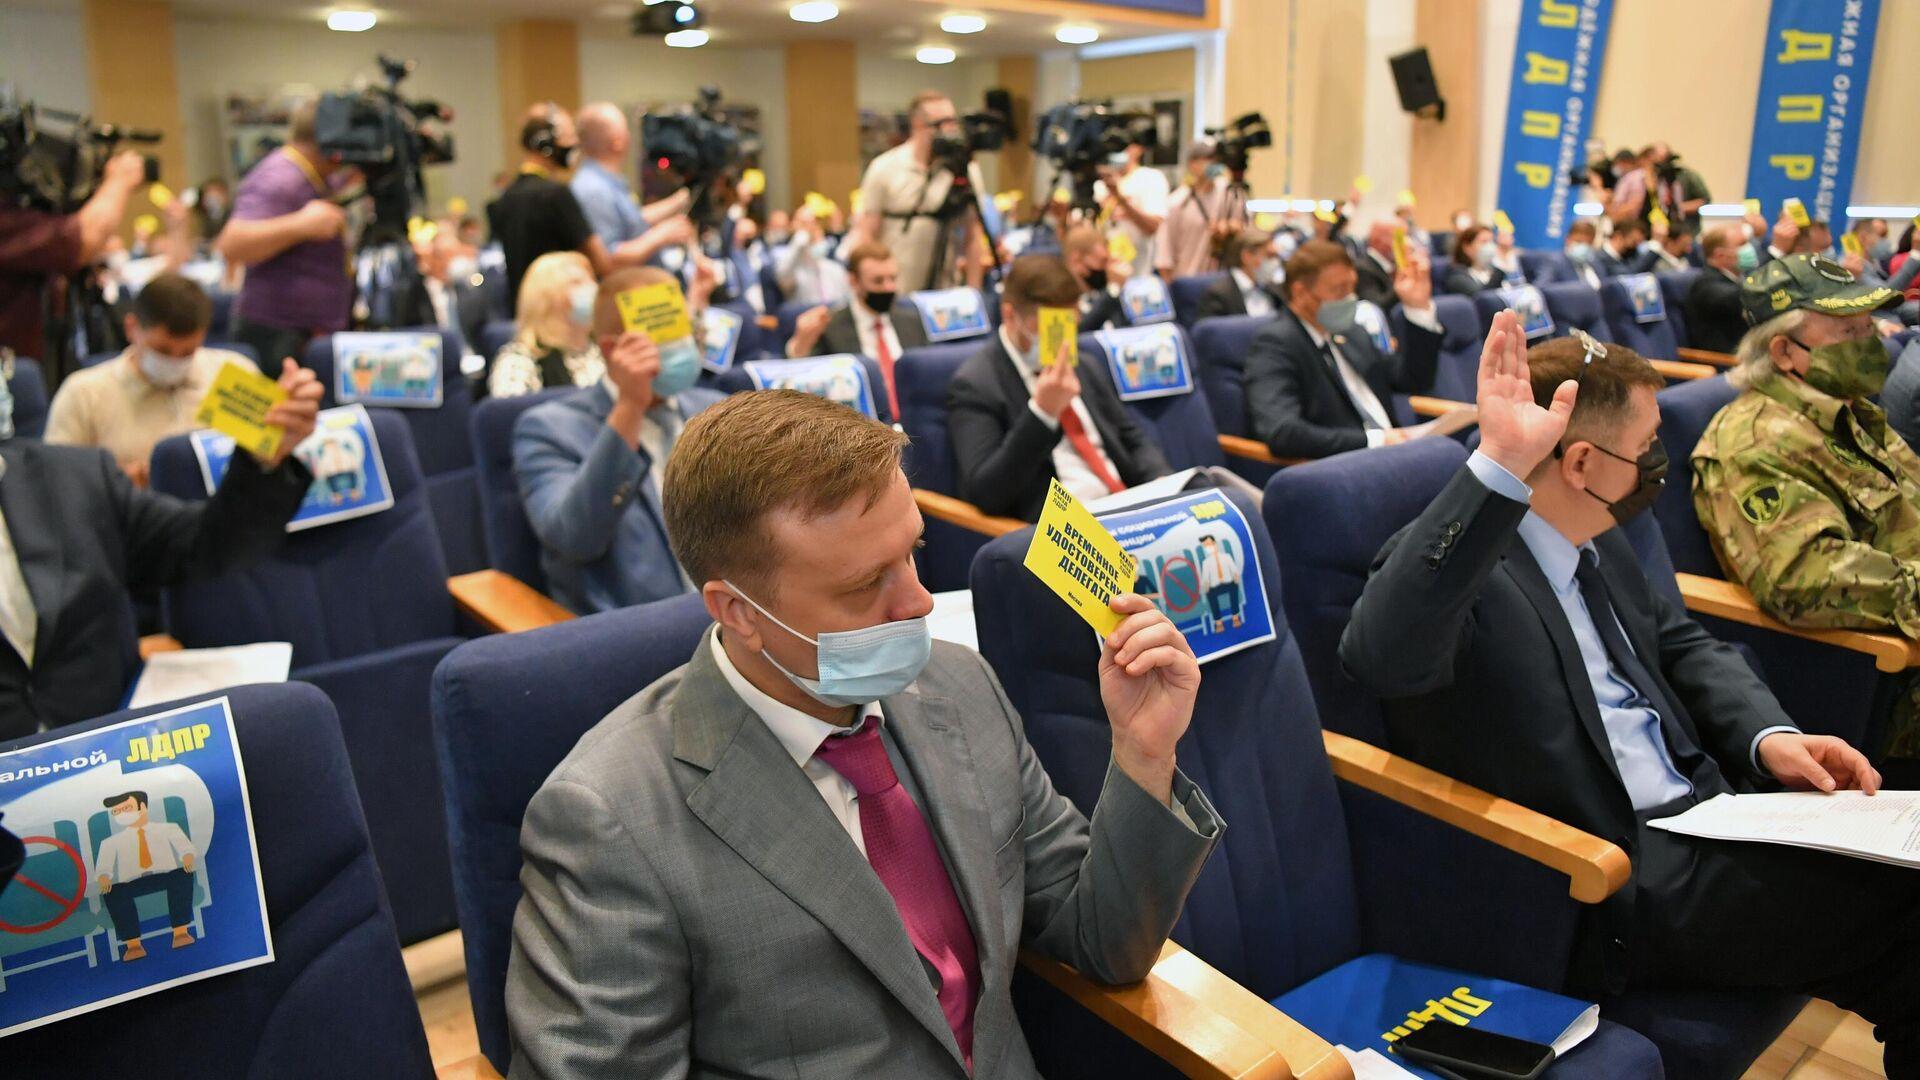 Делегаты во время голосования на XXIII cъезде ЛДПР в Москве - РИА Новости, 1920, 17.07.2021